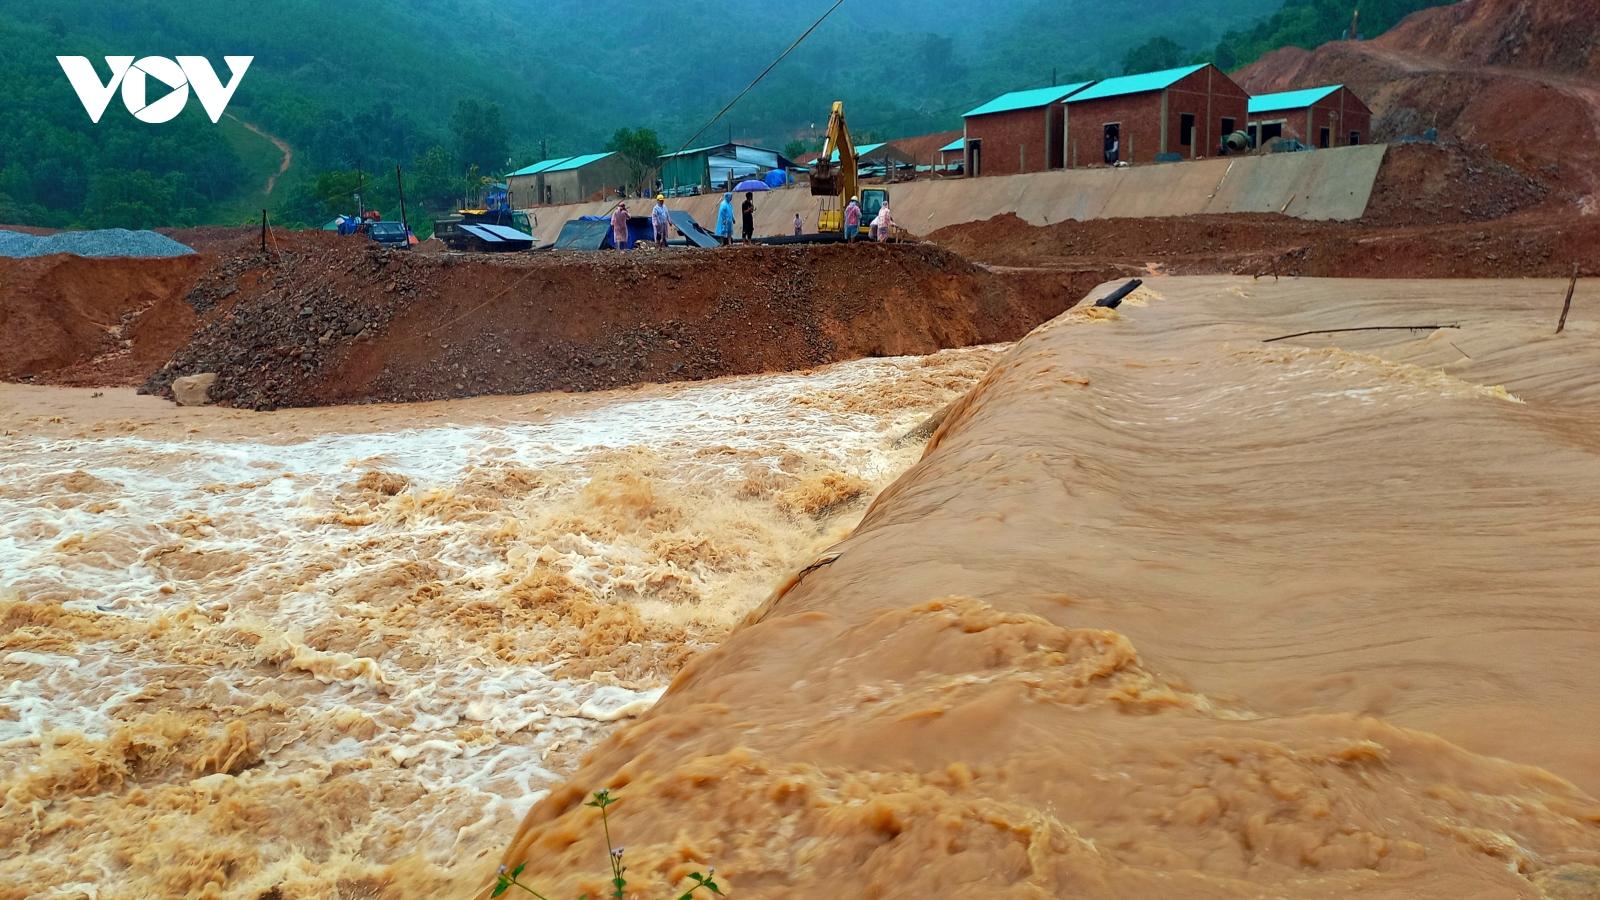 Mưa lớn gây cô lập nhiều xã vùng cao huyện Phước Sơn, Quảng Nam